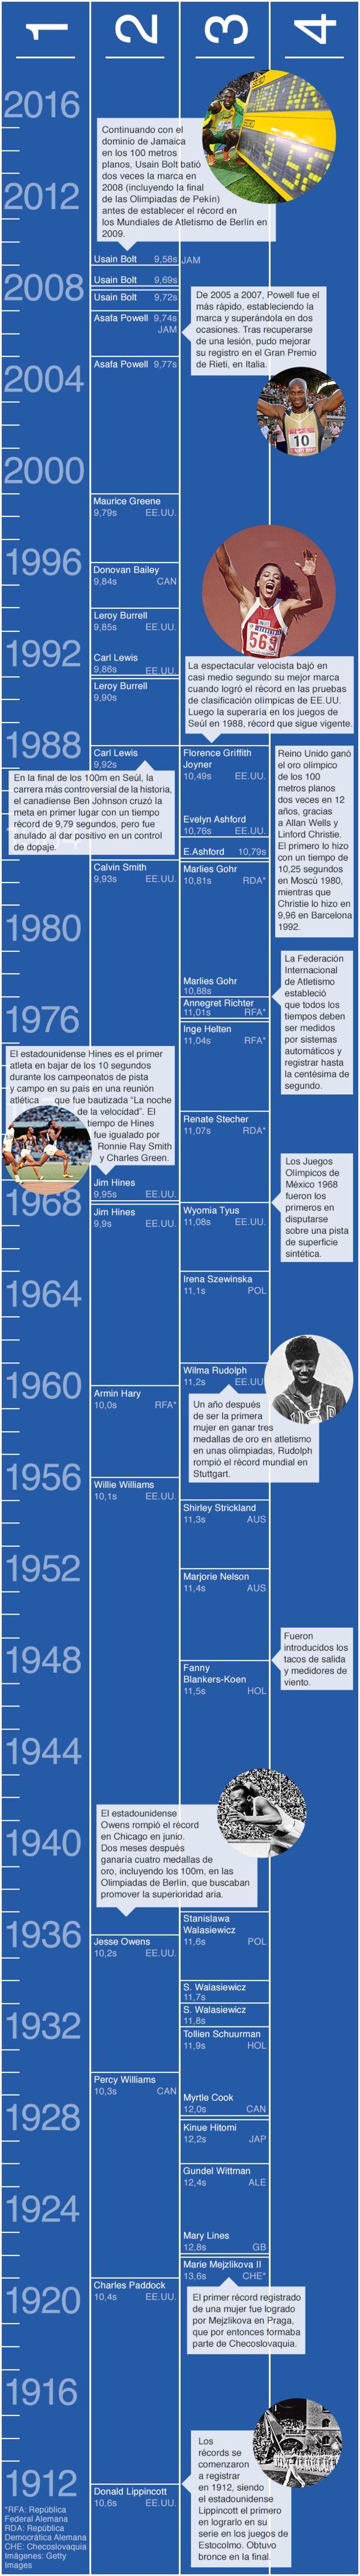 Evolución de los récords de 100 metros planos